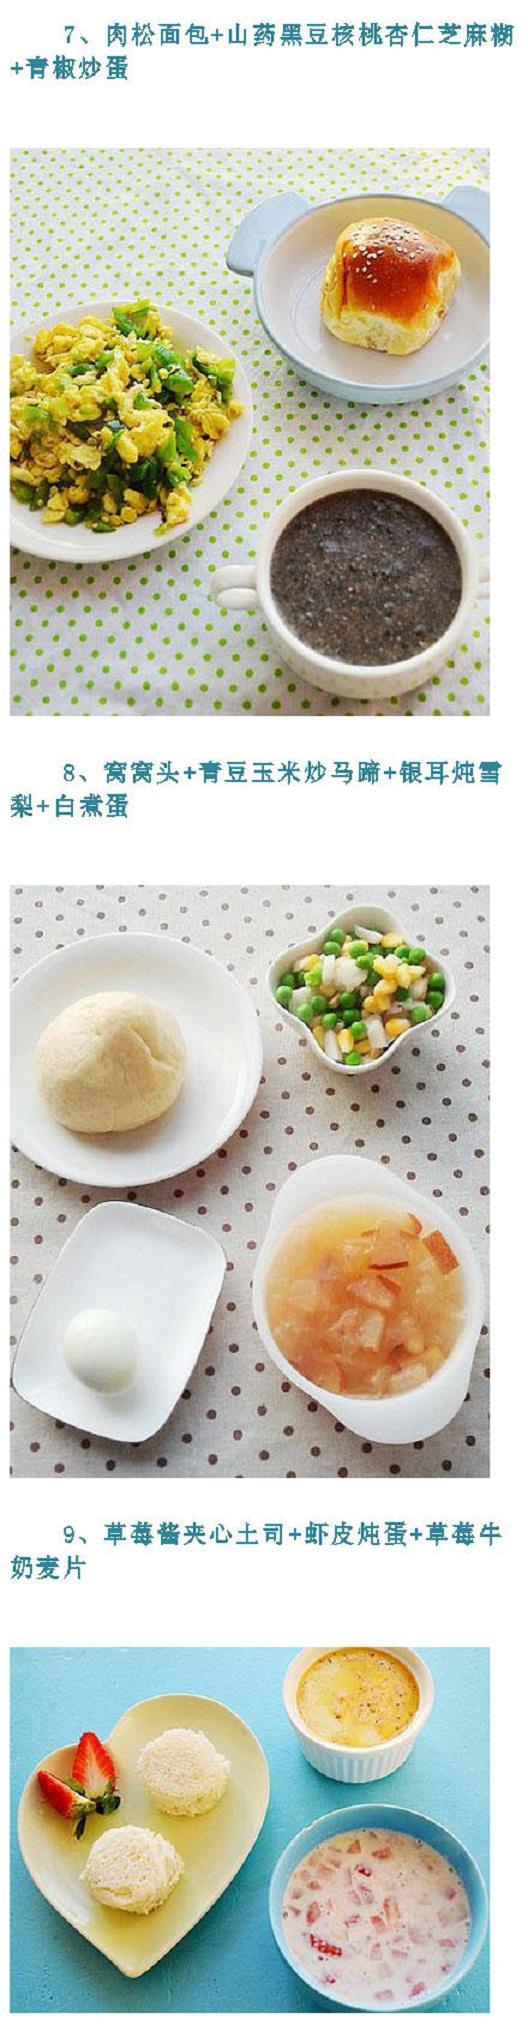 孩子早餐 应该吃什么 - 秋 - pjqalg博客